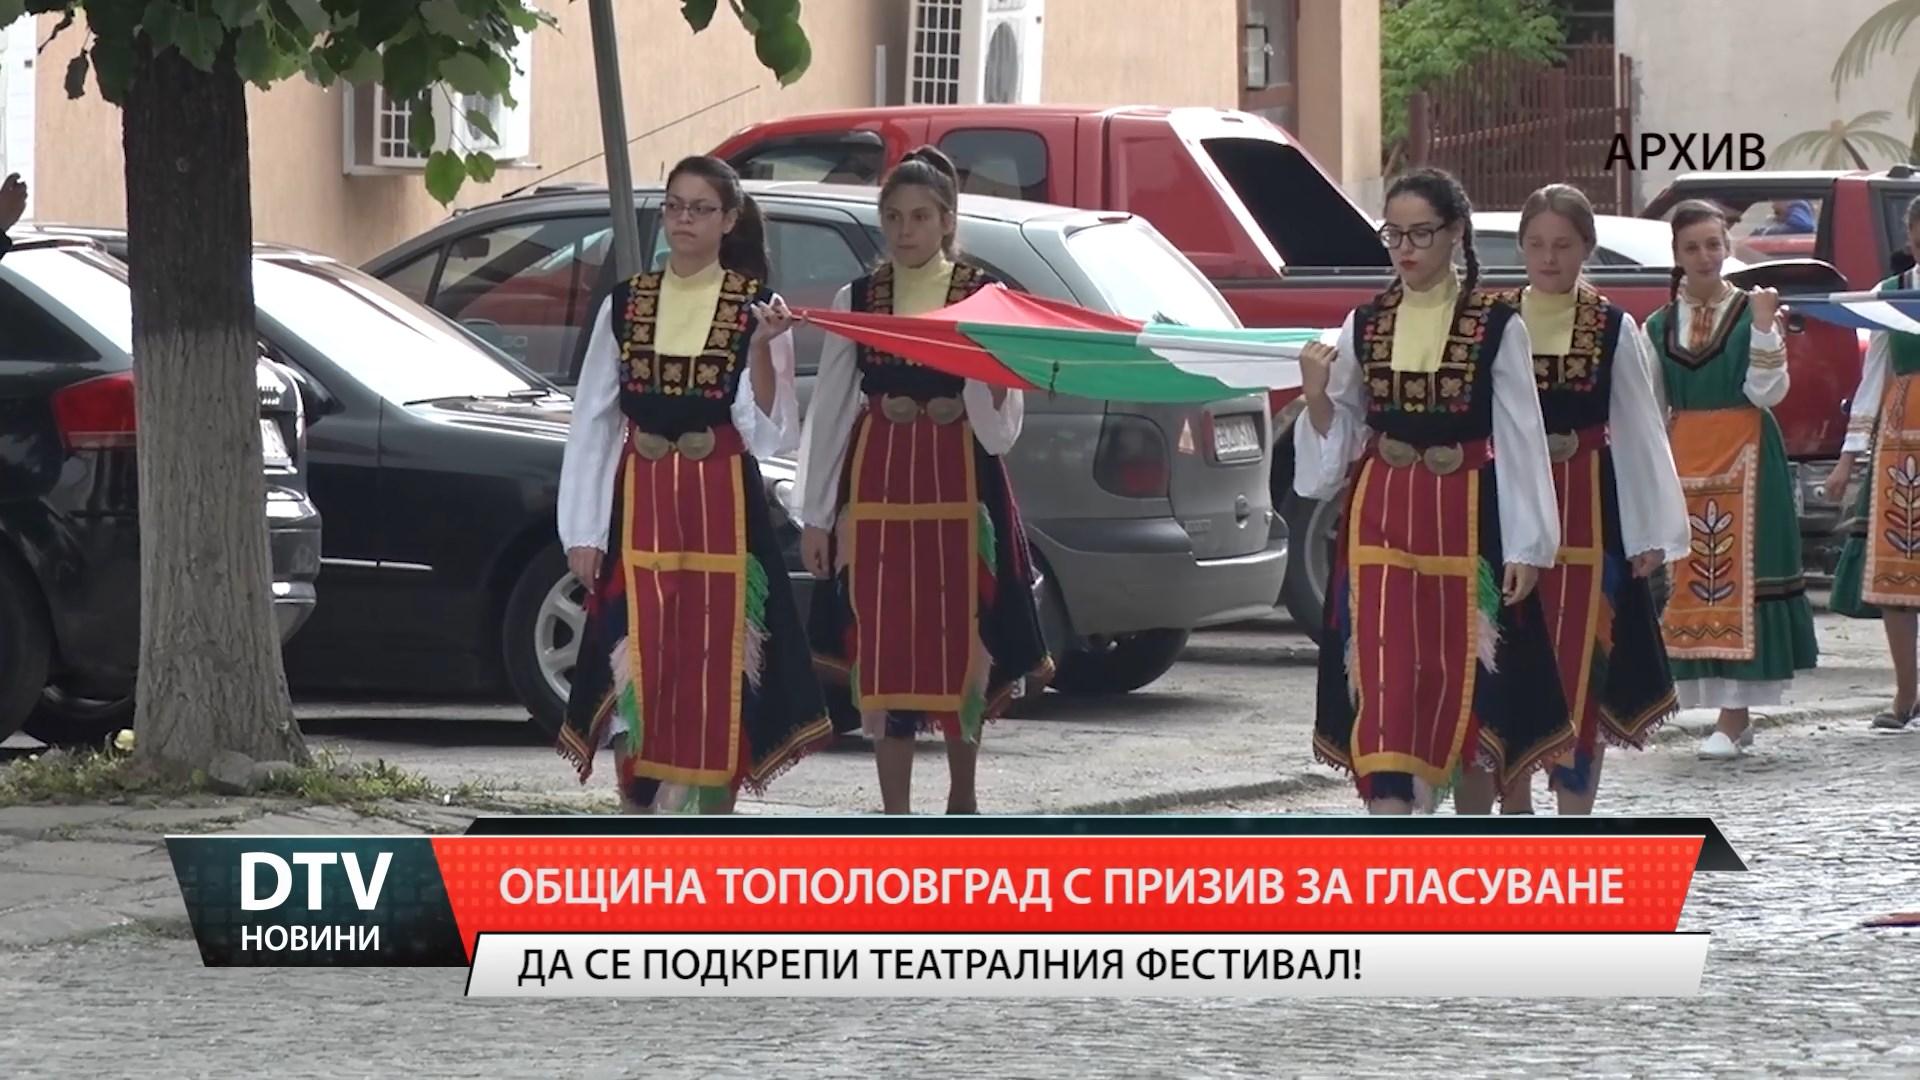 Община Тополовград с призив за подкрепа на фестивала!